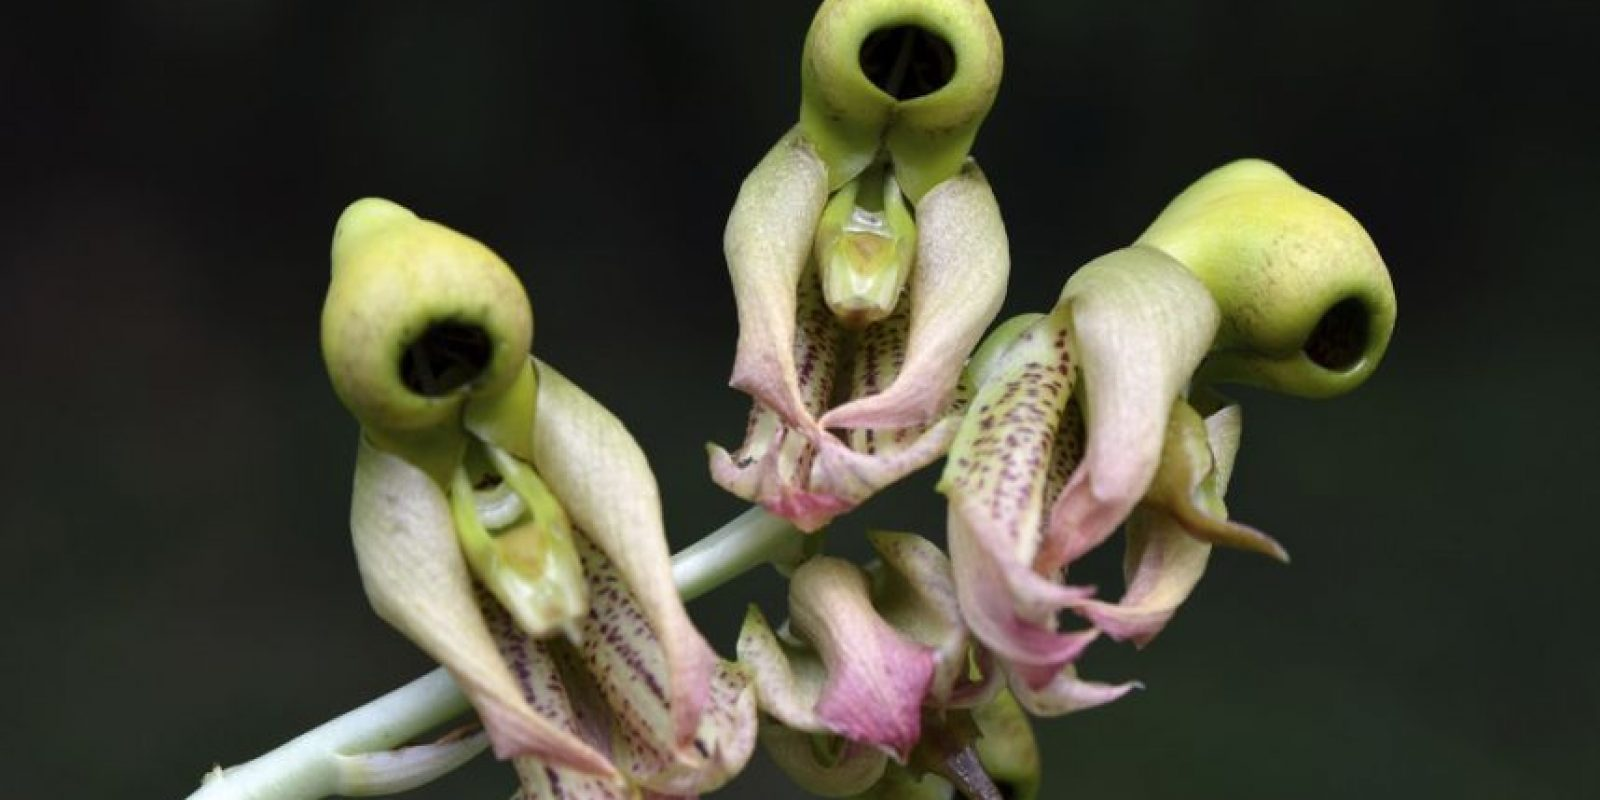 Lo peor de todo es la flora exótica de Guatemala. Foto:http://www.buzzfeed.com